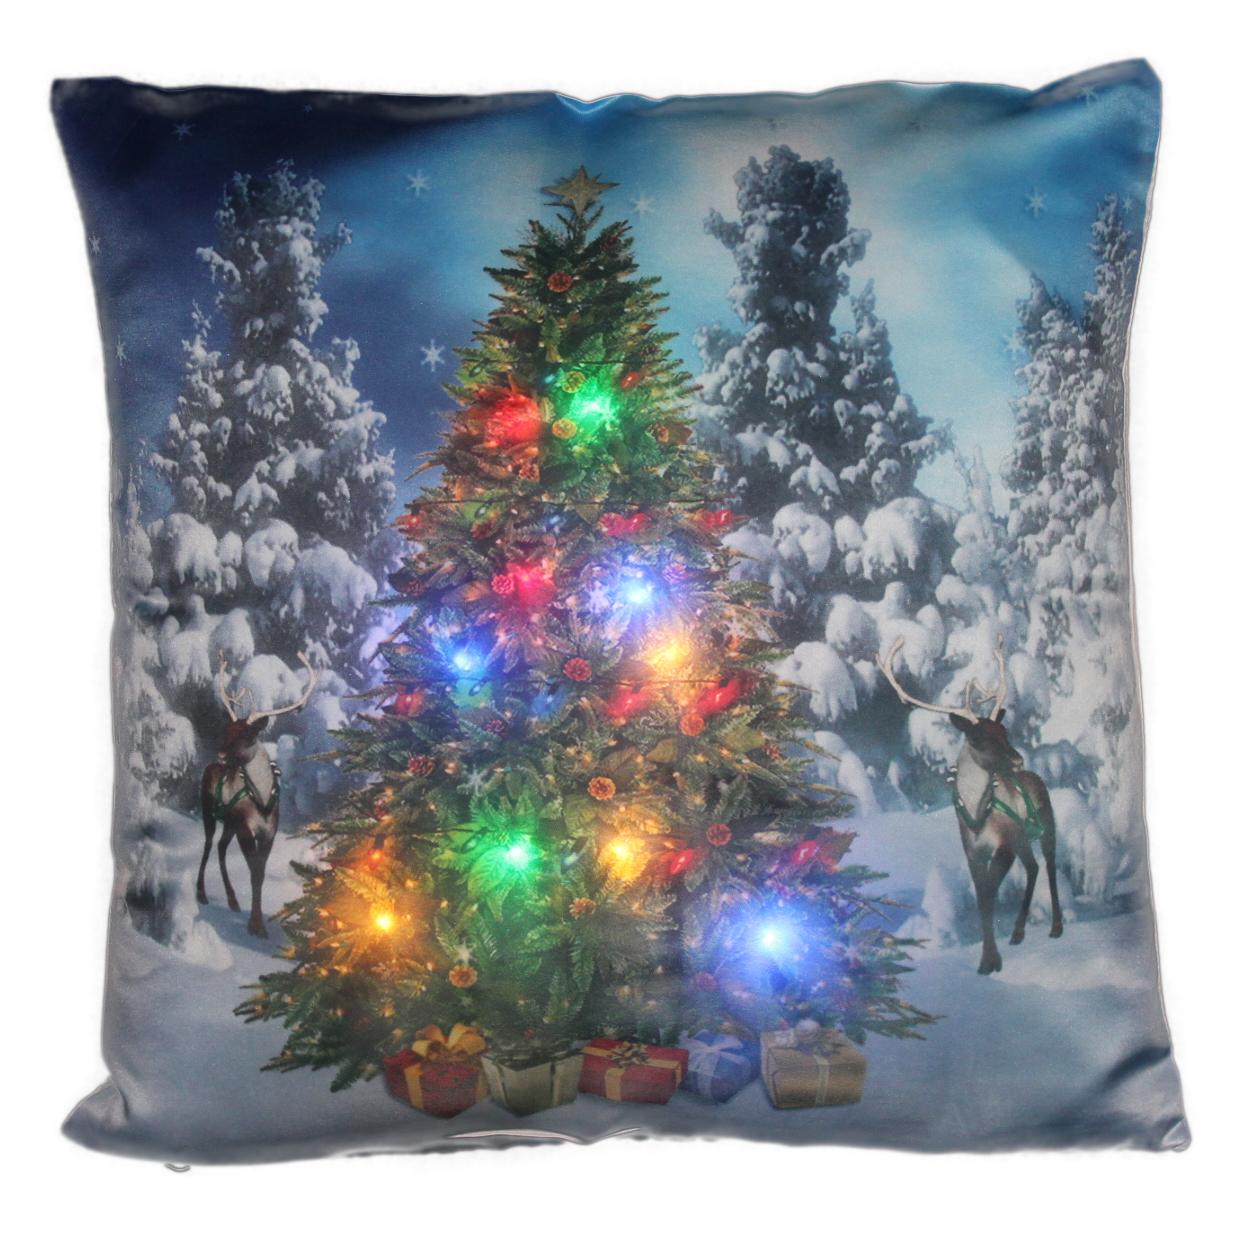 LED Kissen Weihnachtsbaum mit LED Beleuchtung